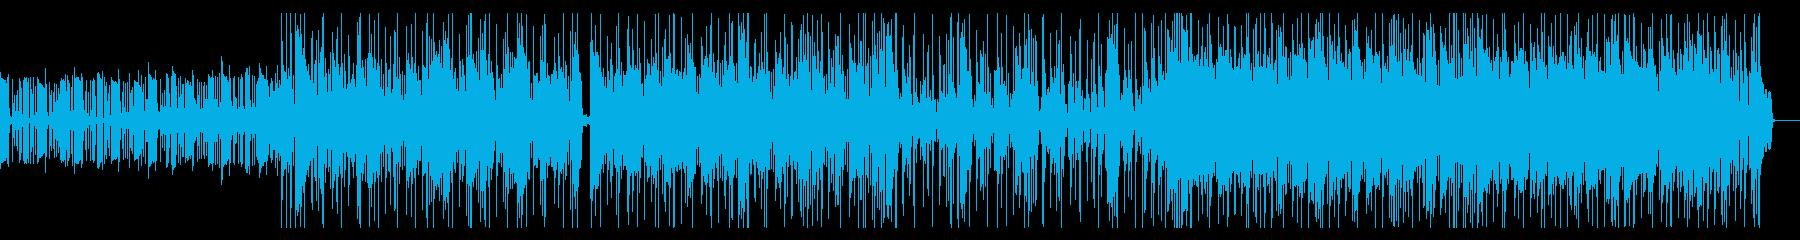 明るいファンク音楽、Youtubeの音楽の再生済みの波形